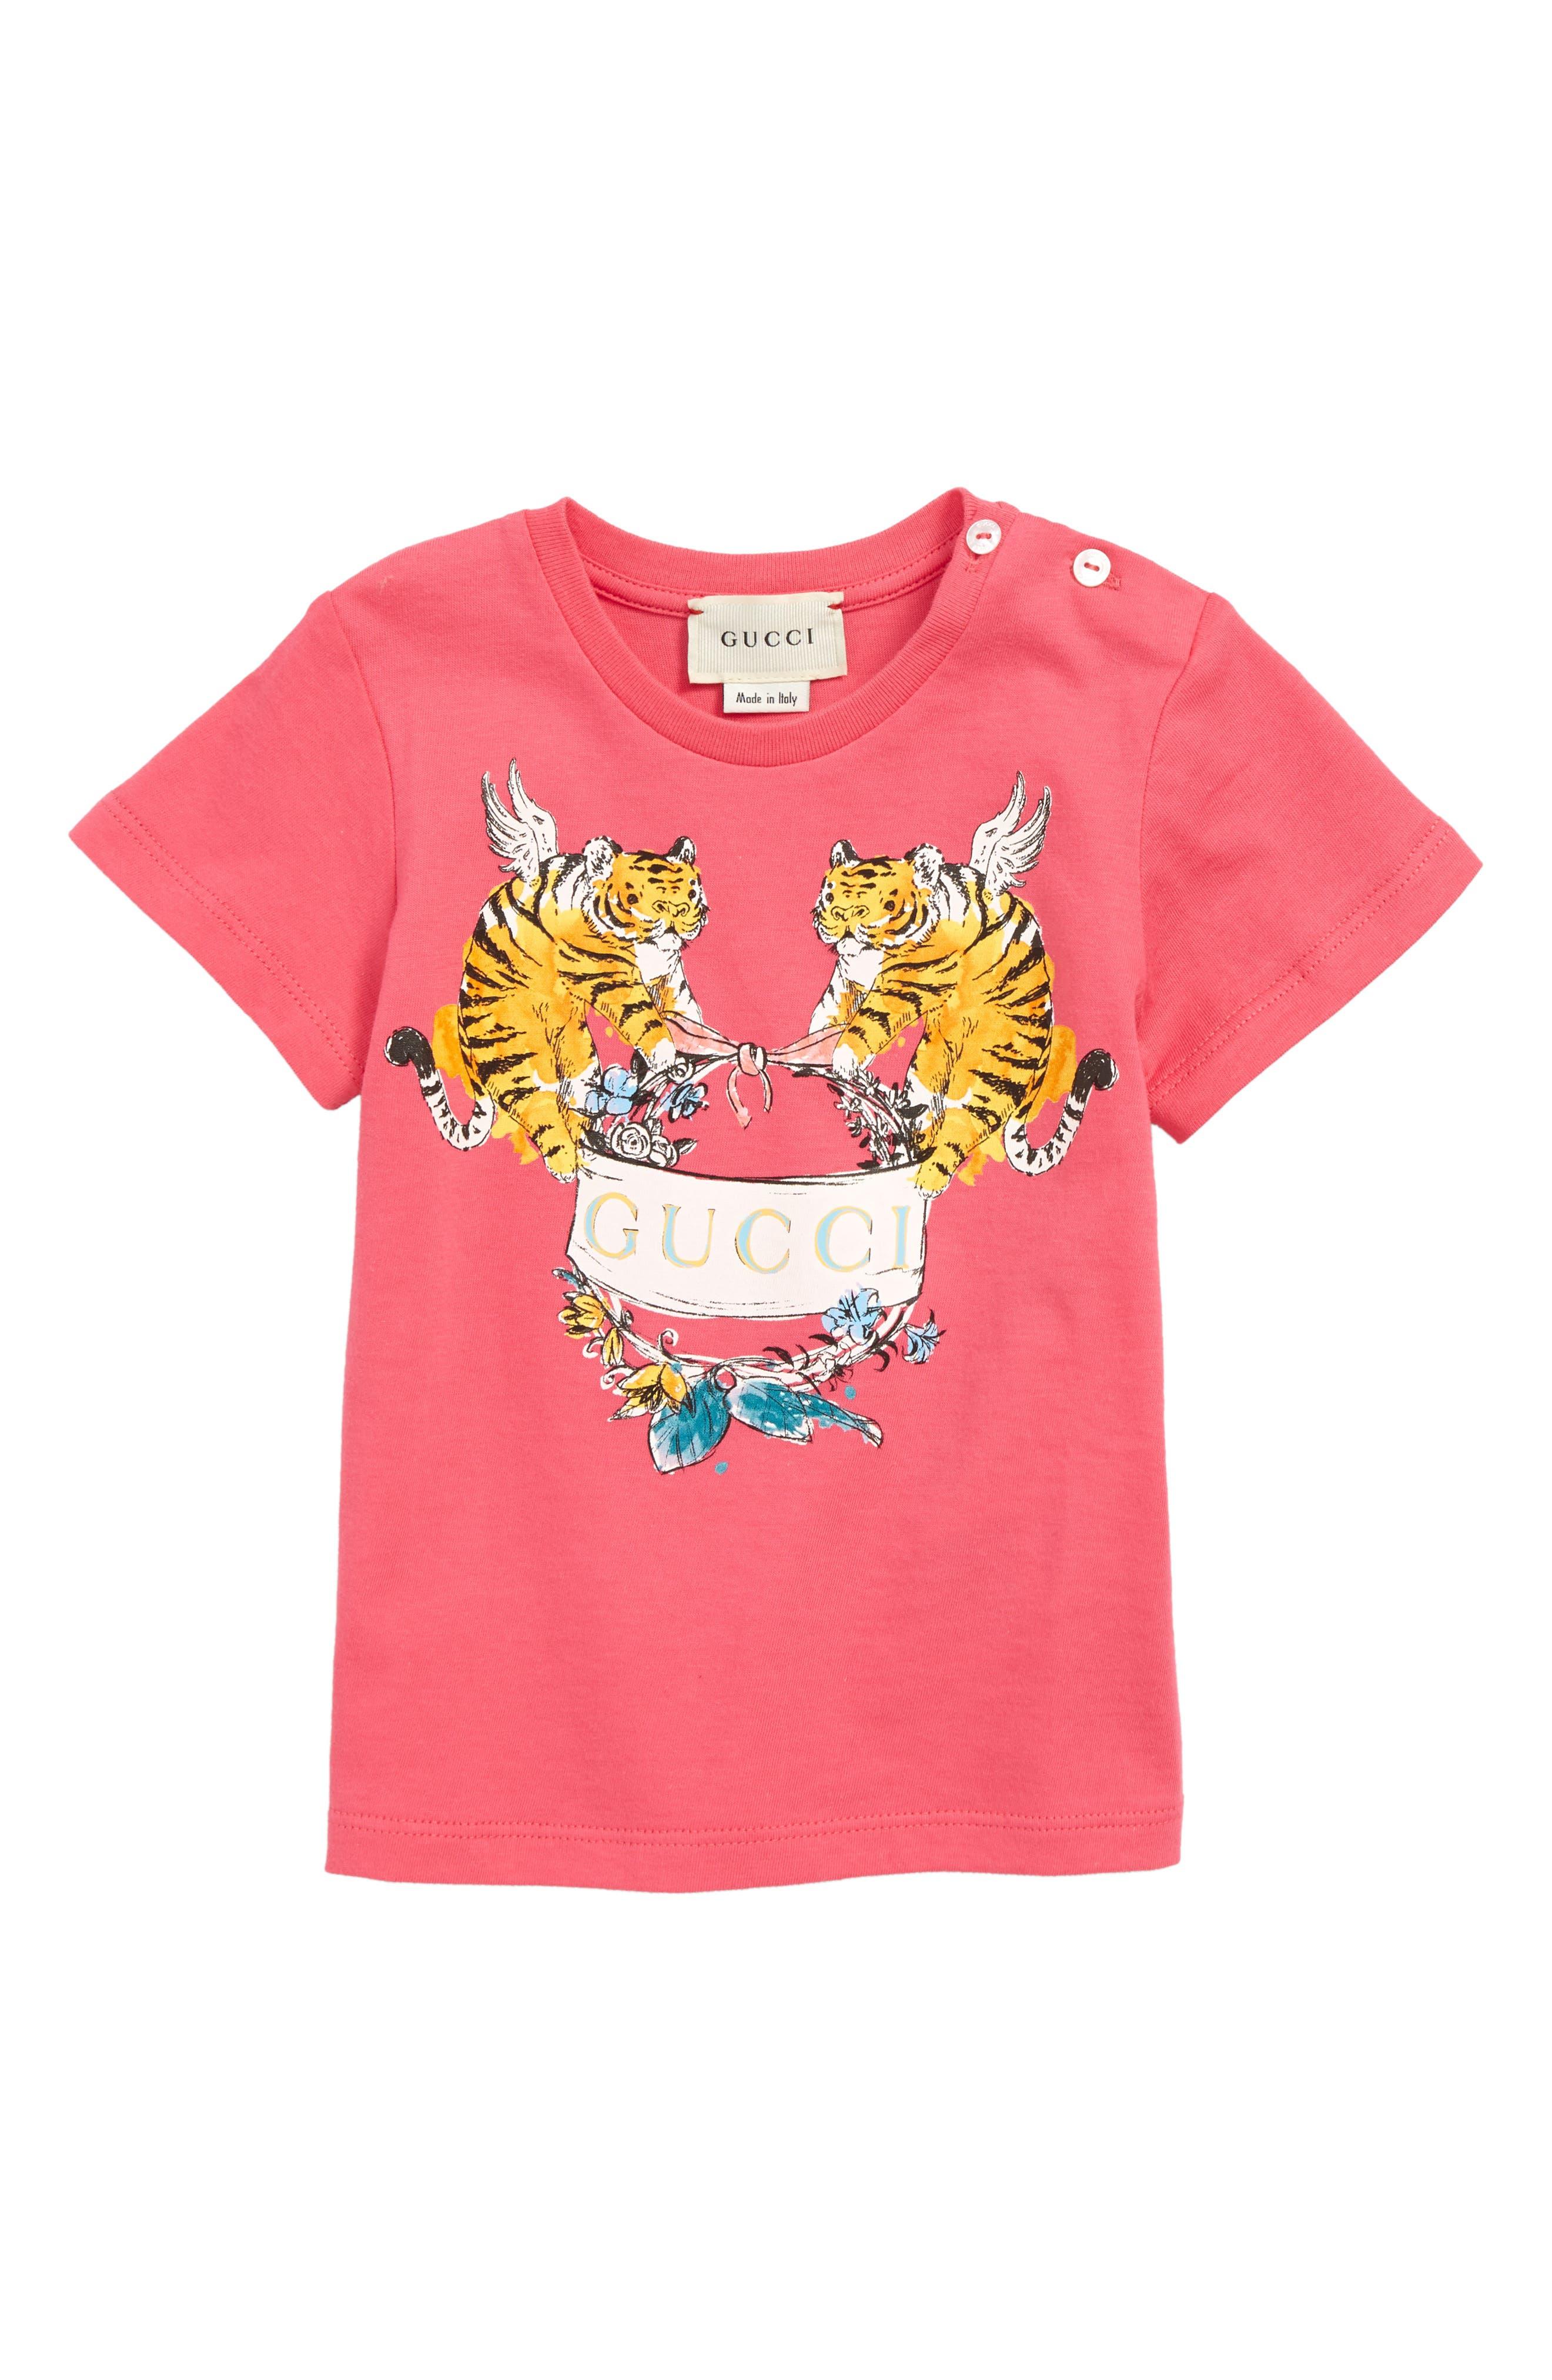 GUCCI, Graphic T-Shirt, Main thumbnail 1, color, BABA